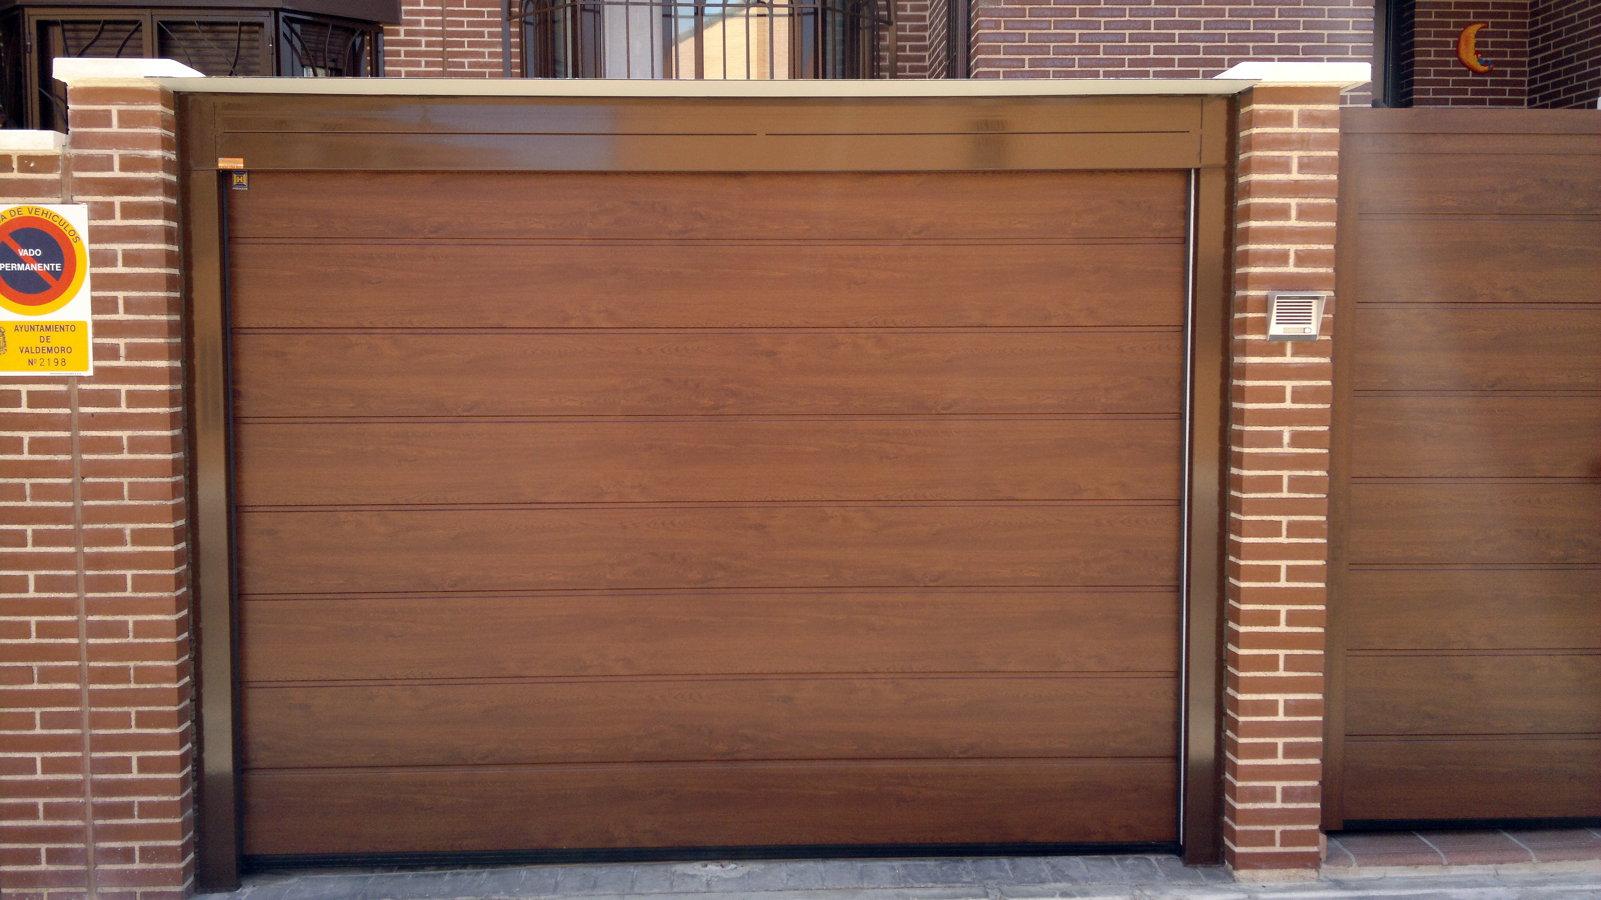 Foto puerta seccional color madera de montajes sanz - Puertas de aluminio color madera ...